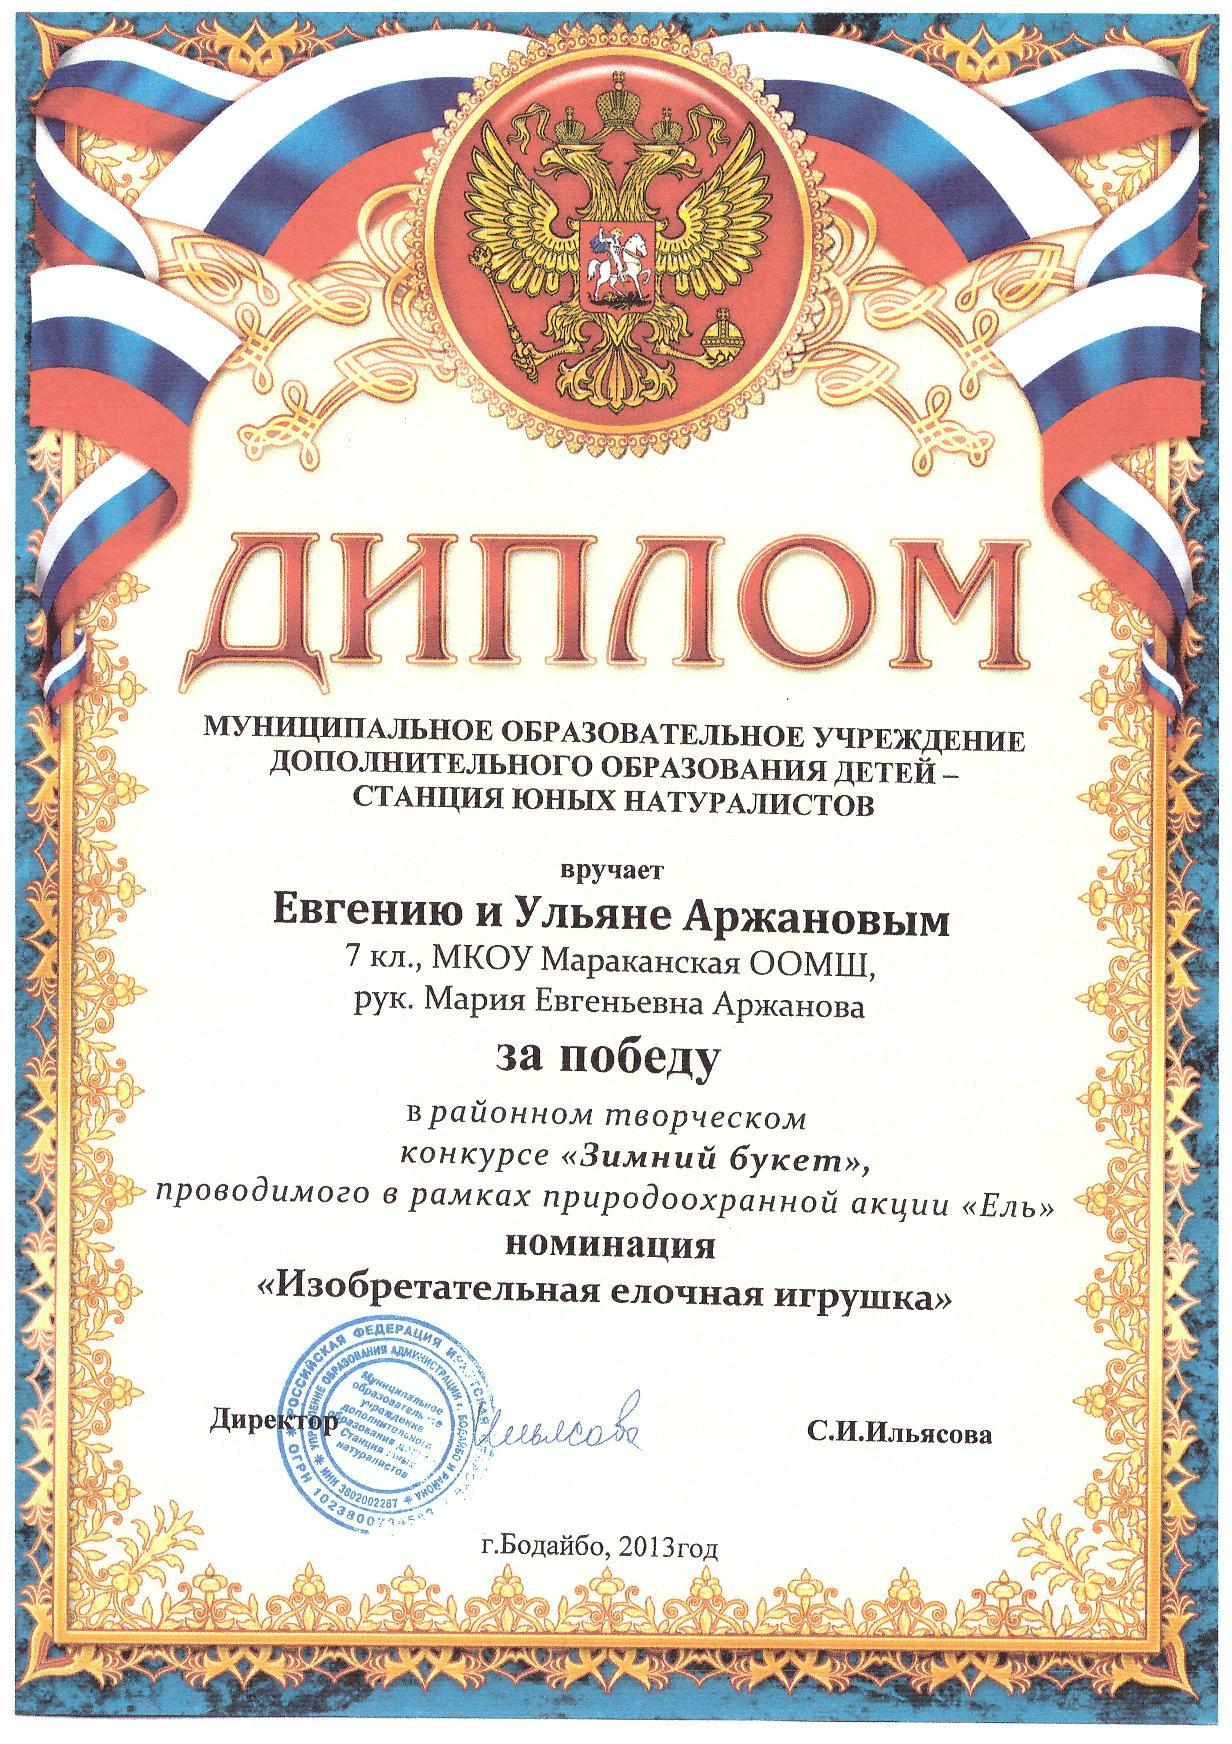 Грамота Аржановых Ж. и У.